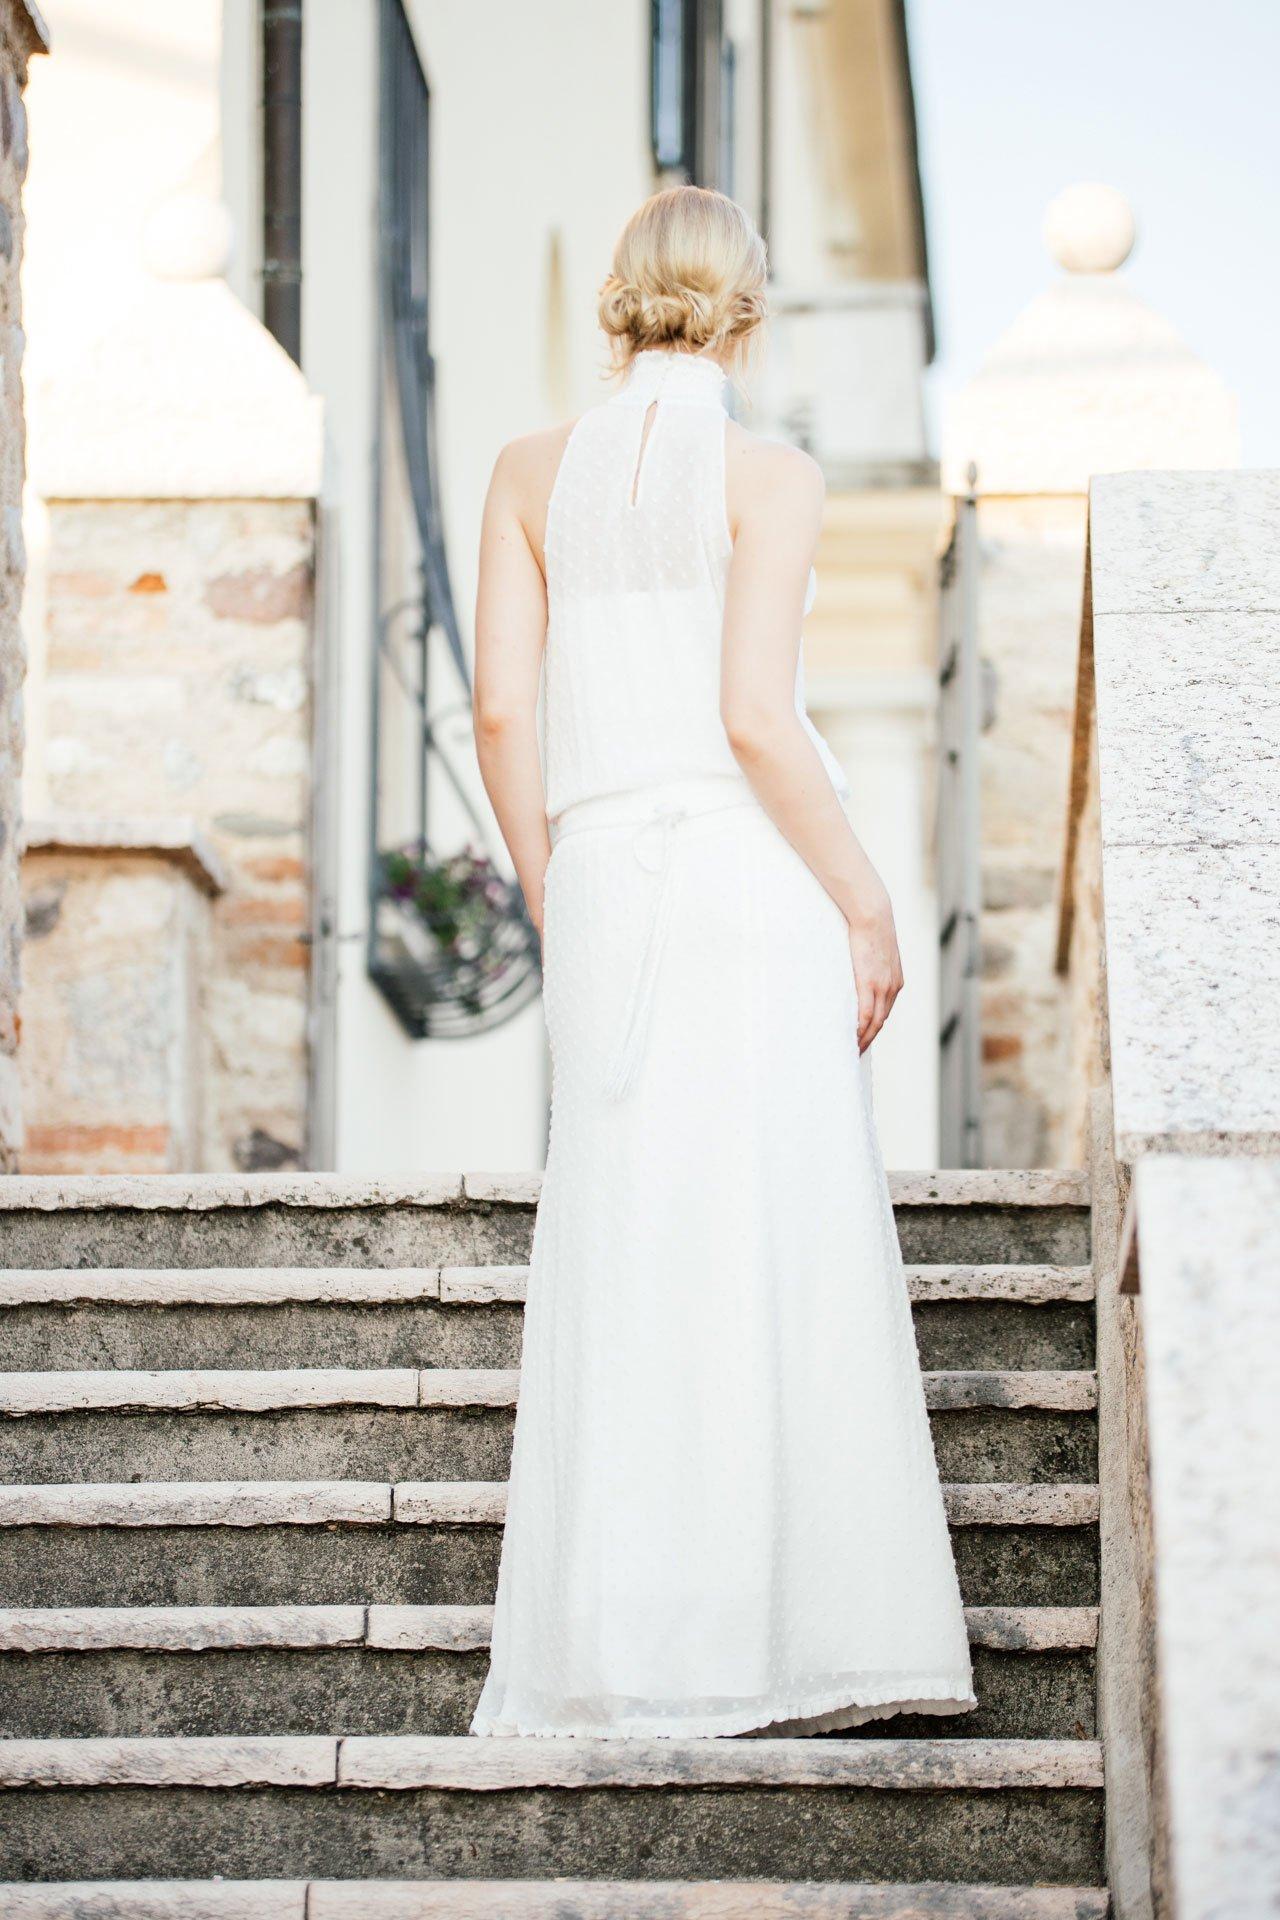 New Boho Brautkleid aus Punktechiffon mit Taschen